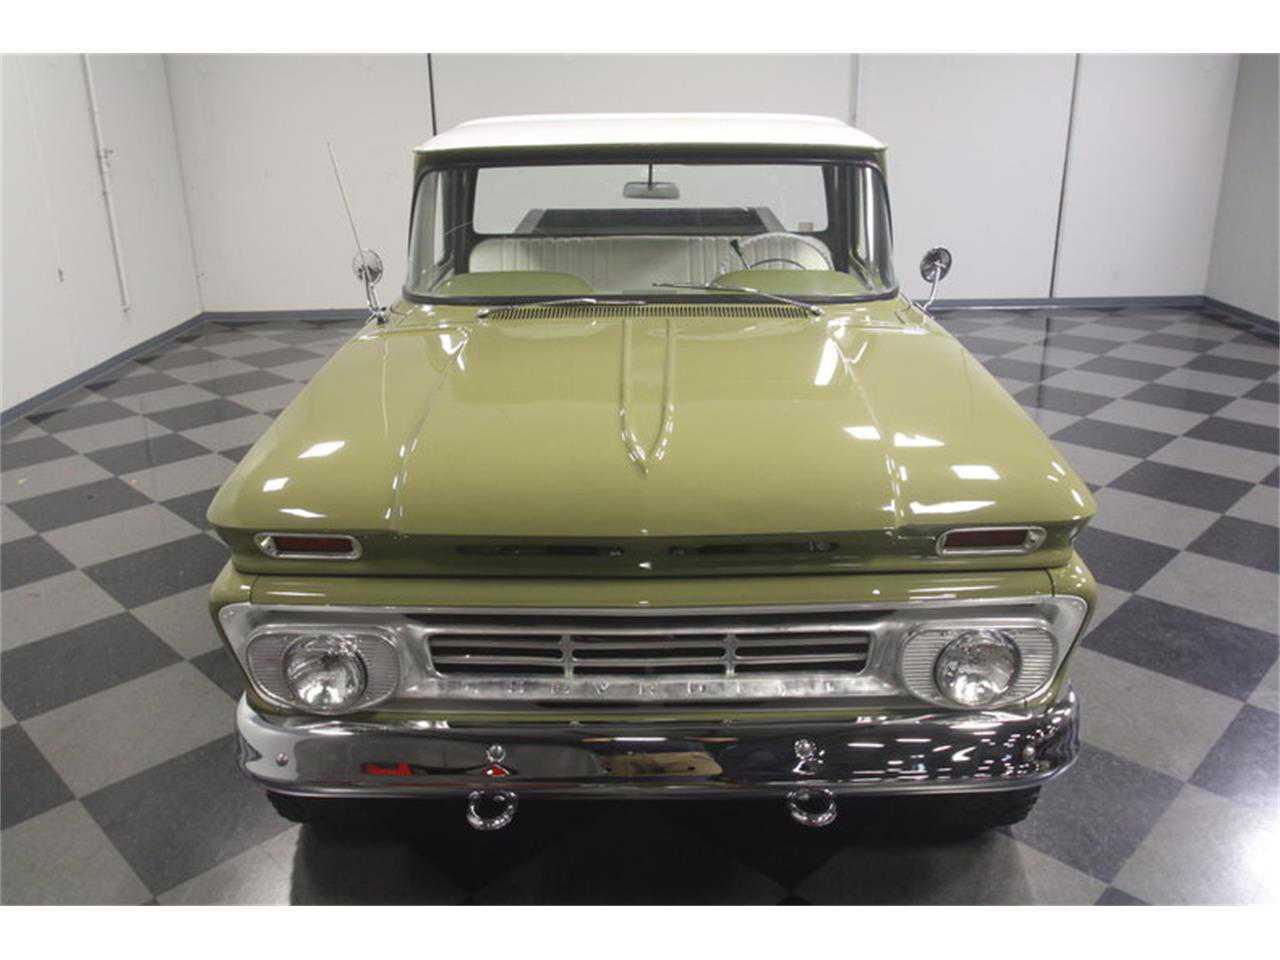 1963 Chevrolet C10 4X4 for sale in Lithia Springs, GA  